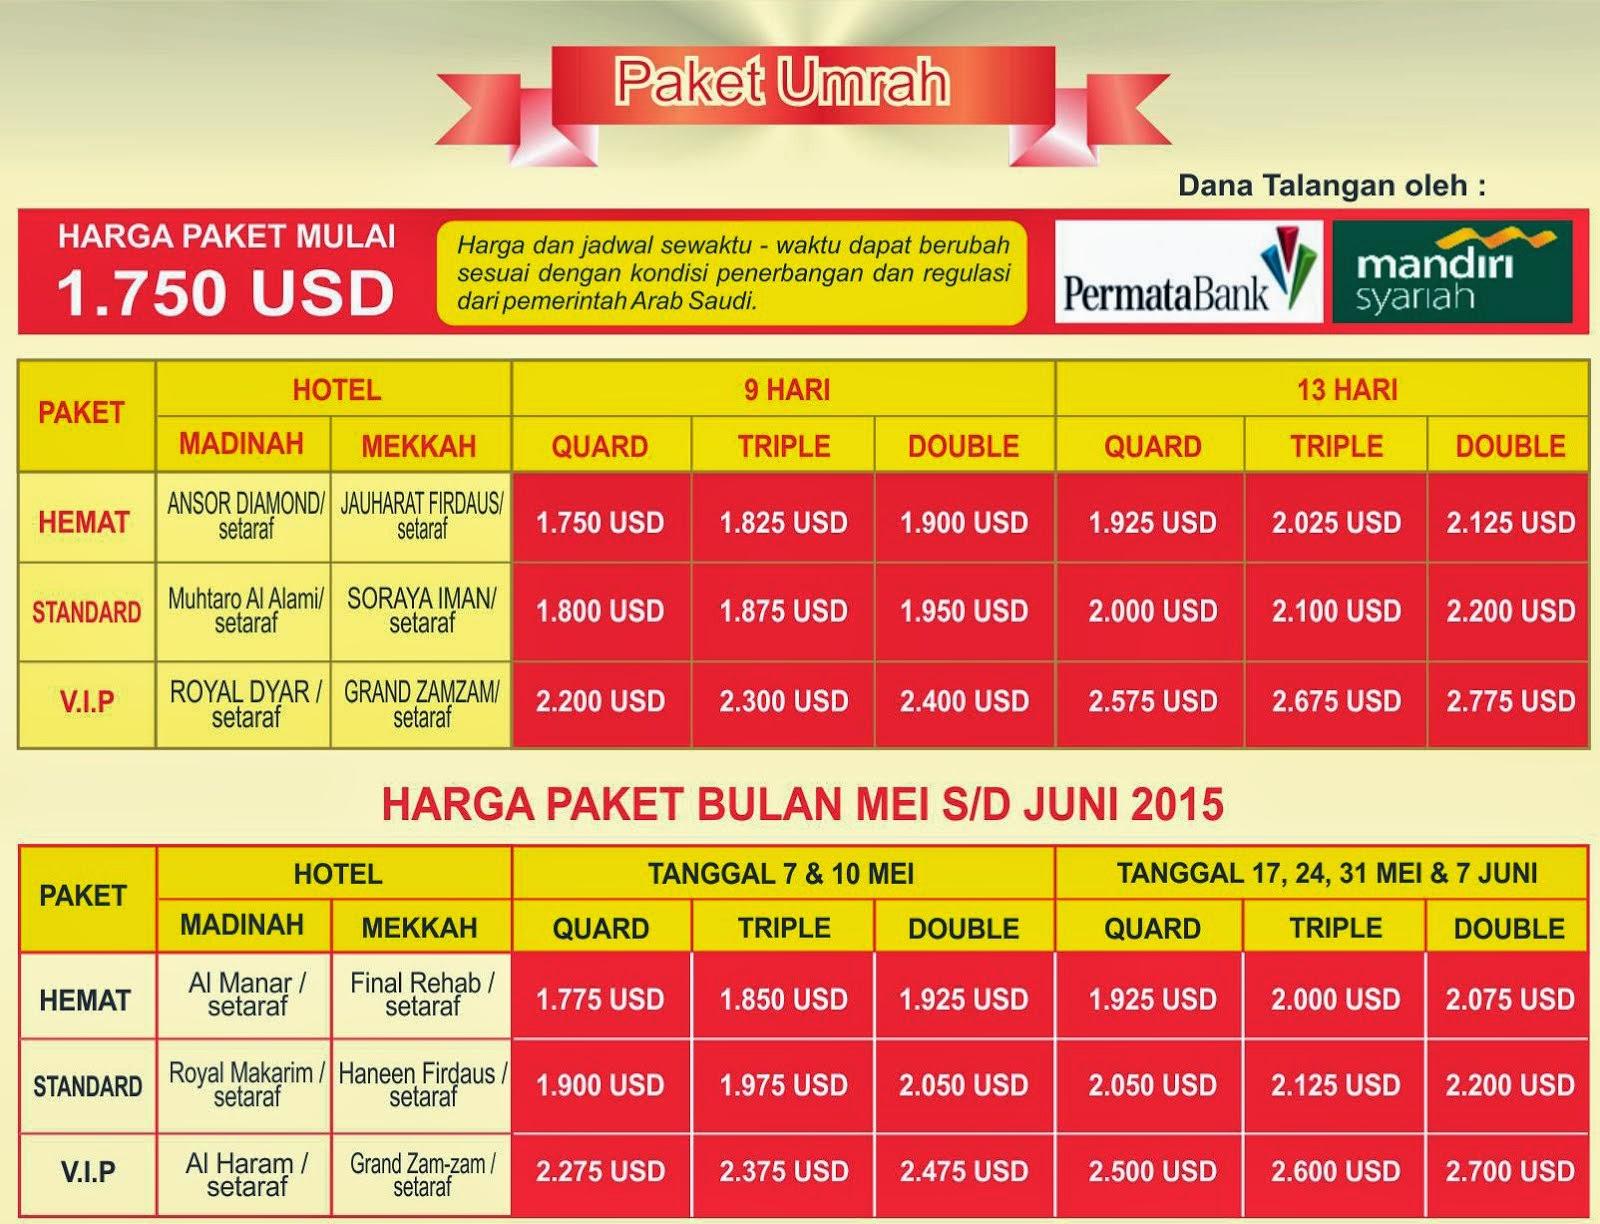 Biaya Paket Umroh 2015 Murah dan Hemat